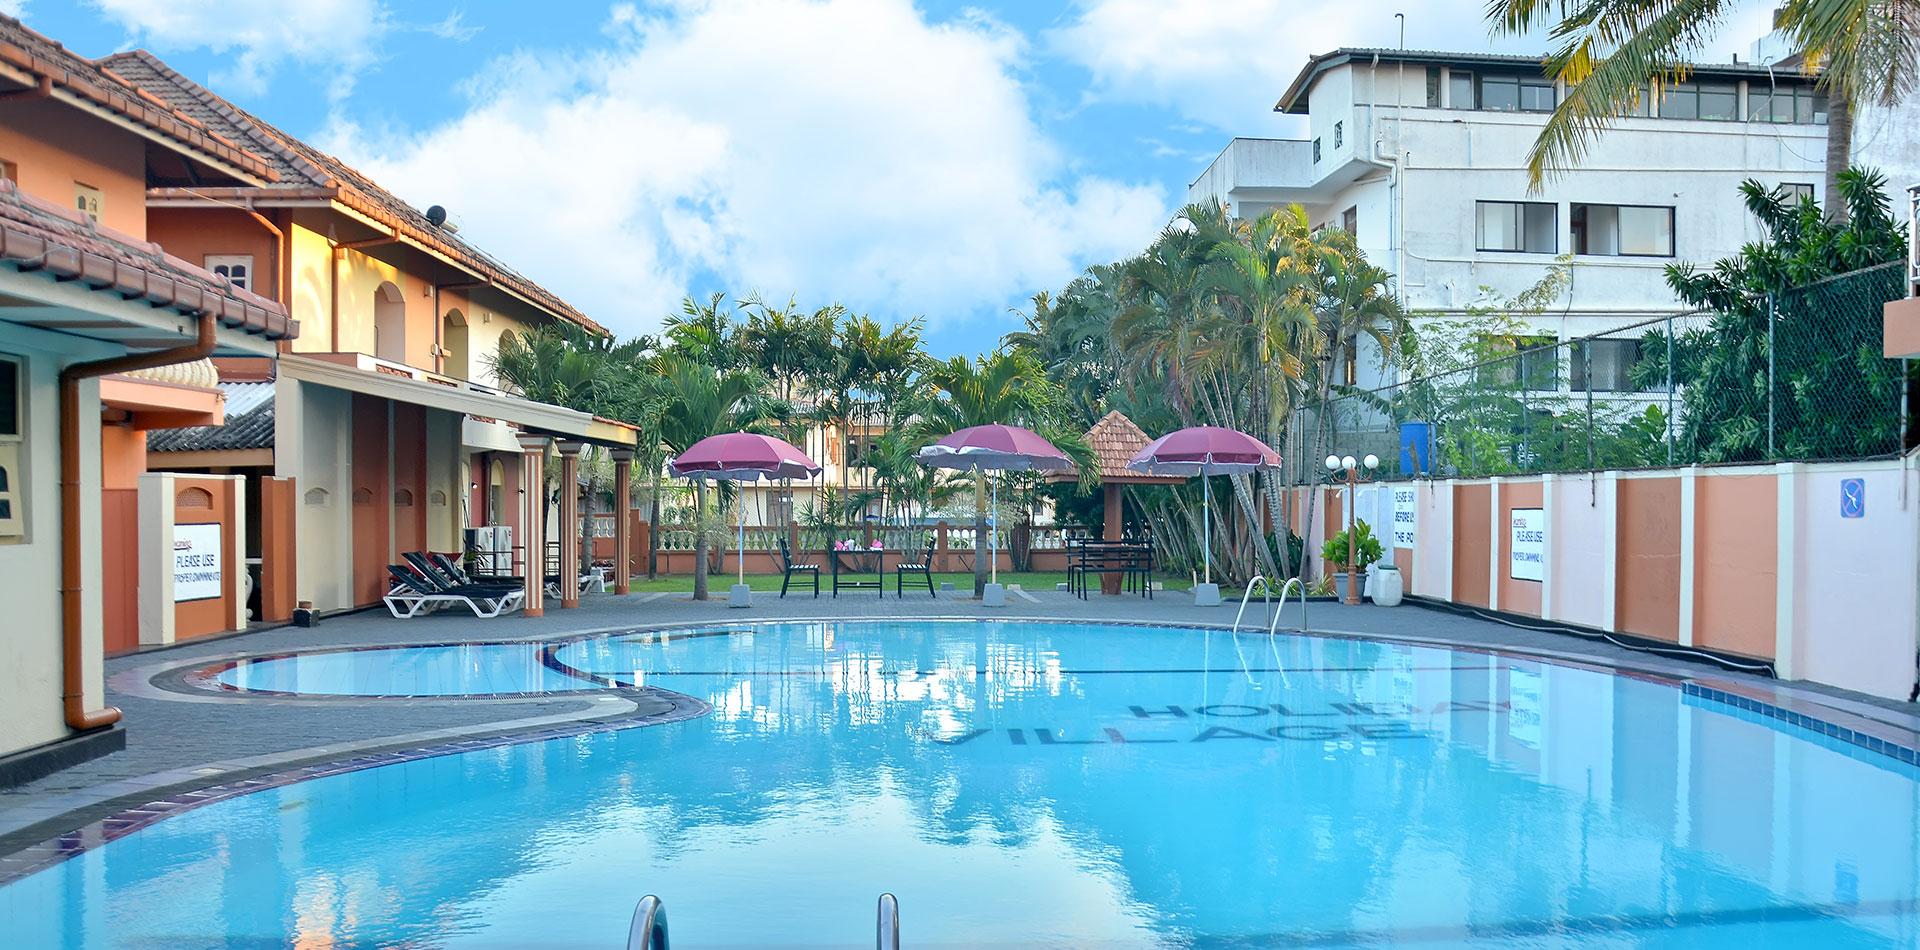 Paradise Holiday Village Negombo